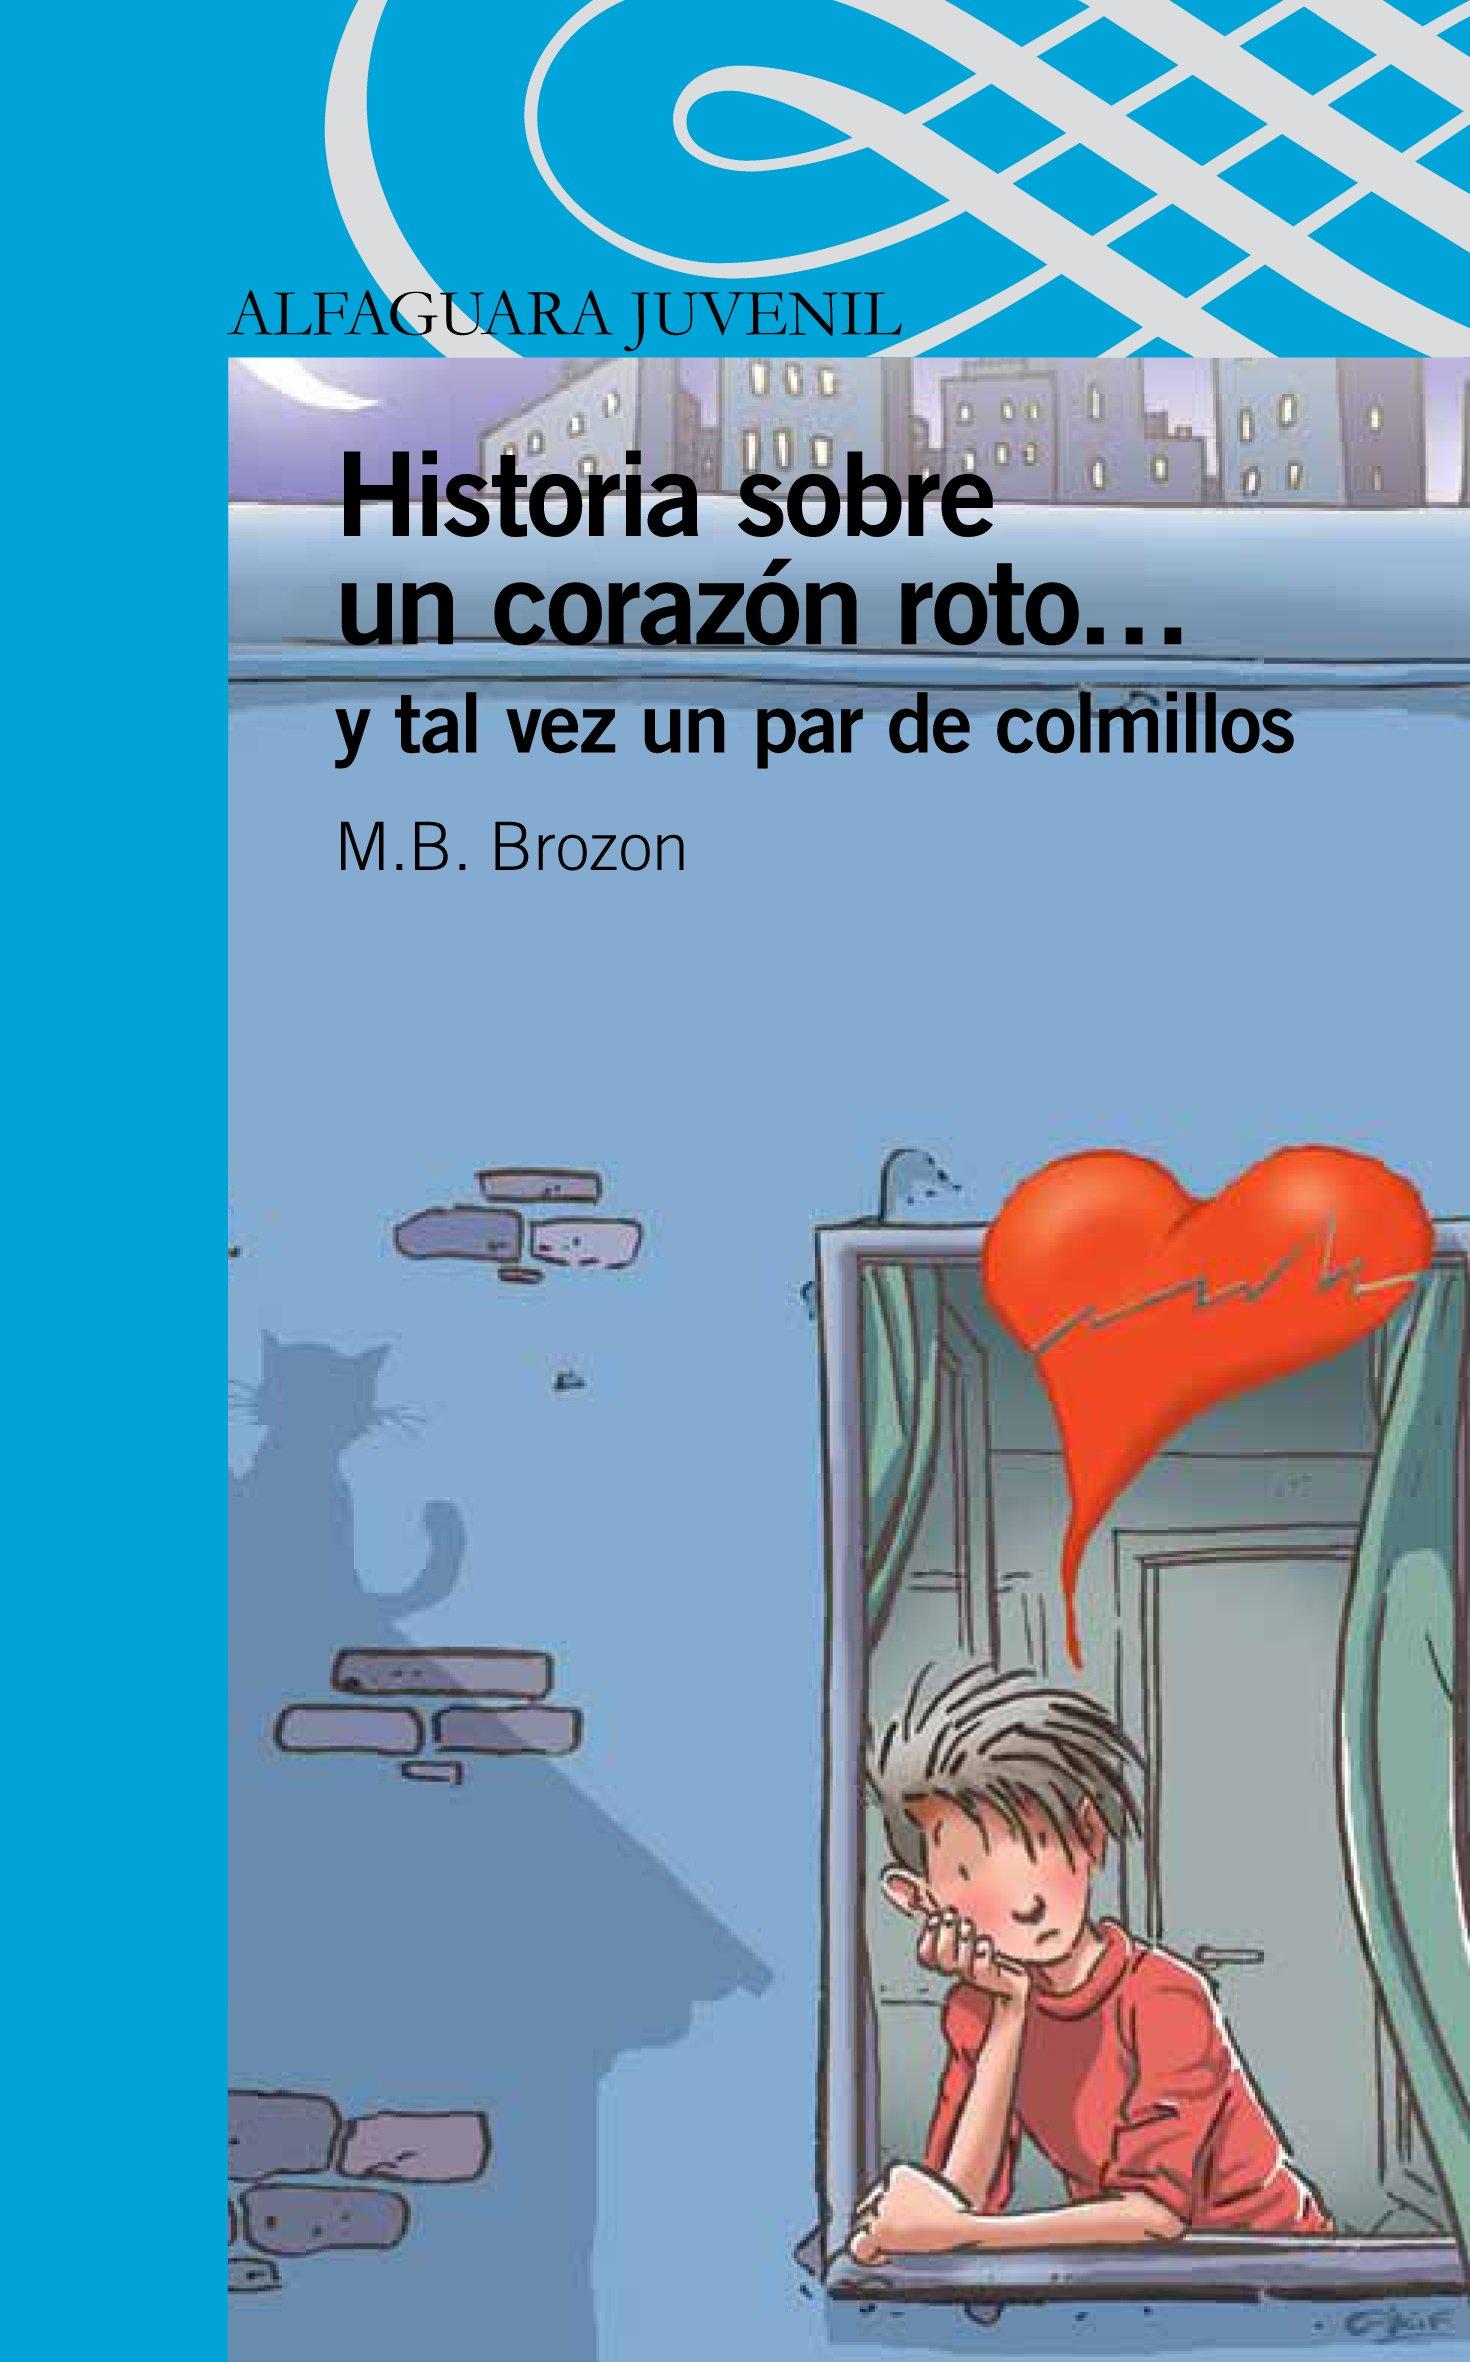 Historia Sobre Un Corazon Roto... y Tal Vez Un Par de Colmillos Serie Azul: Amazon.es: M. B. Brozon: Libros